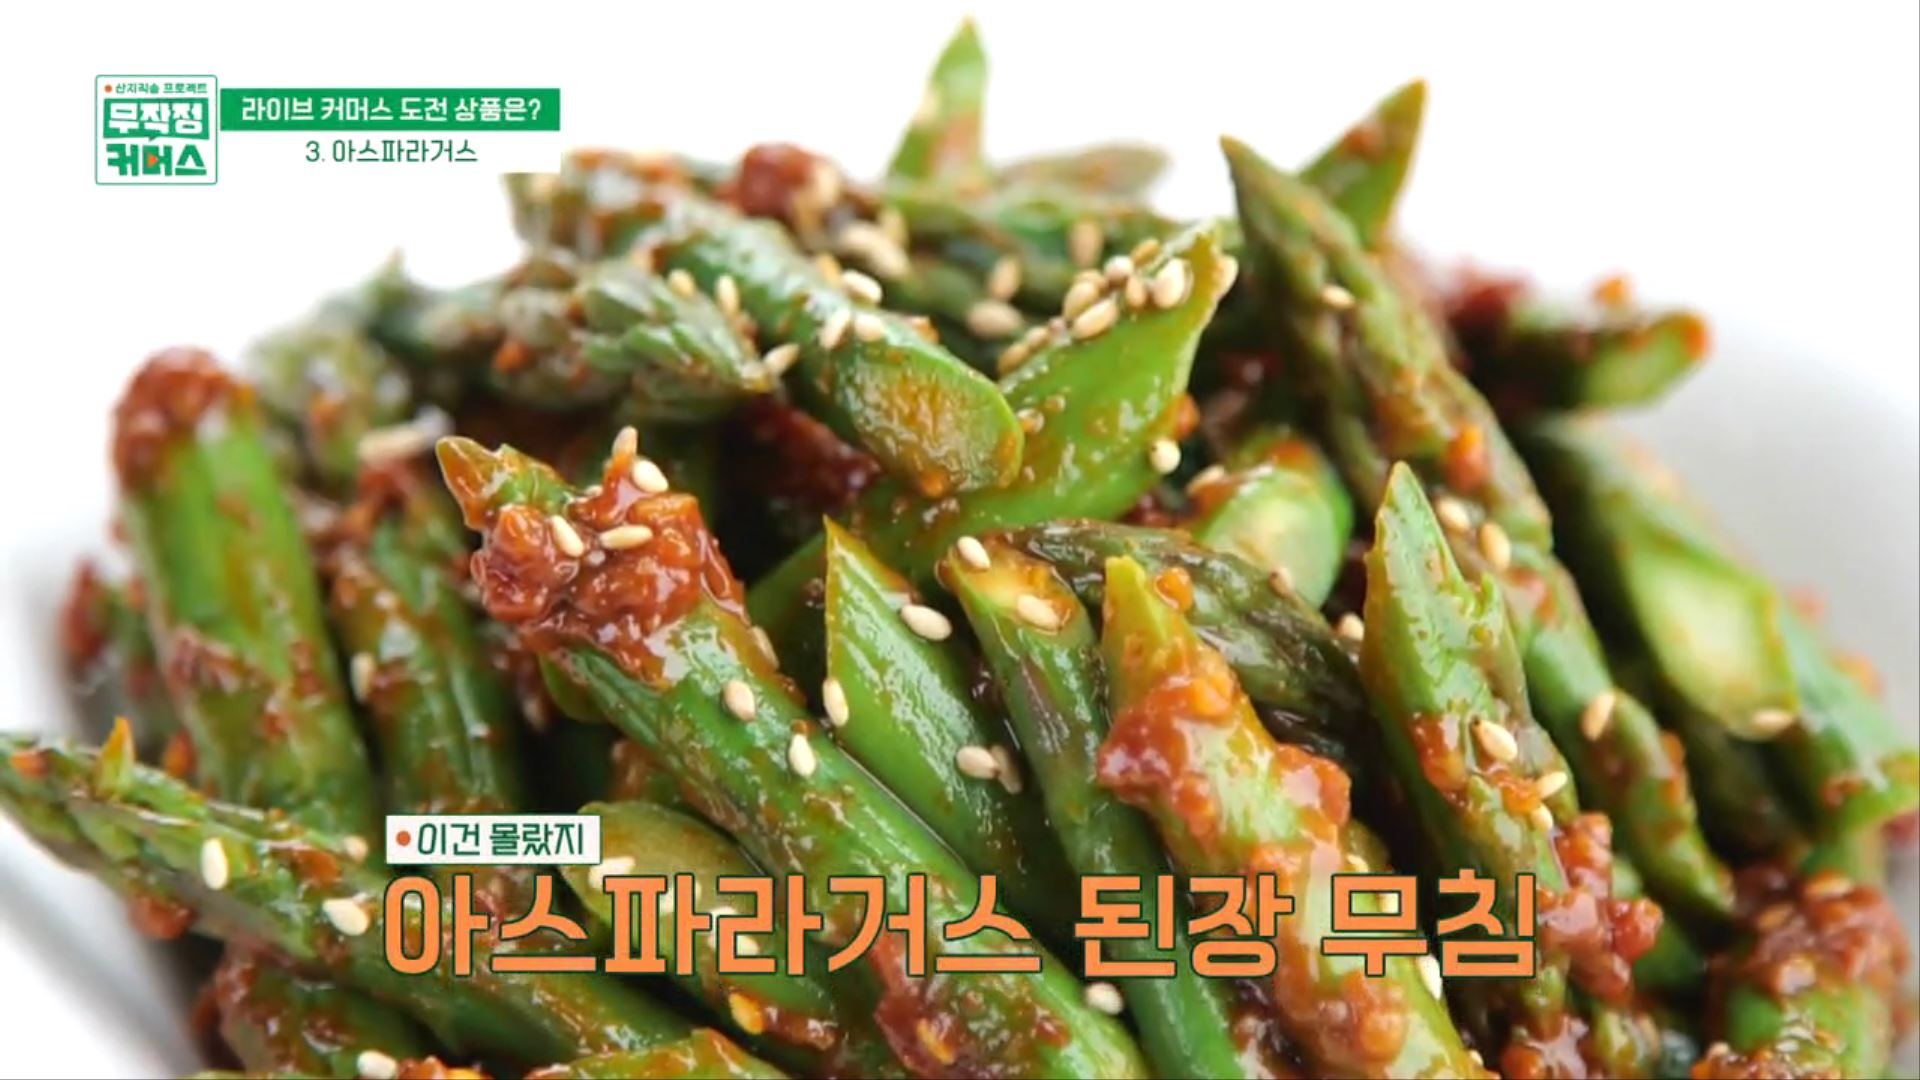 (이건 몰랐지?) 고급 야채로만 알고 있는 아스파라거스를 활용한 다양한 음식들!